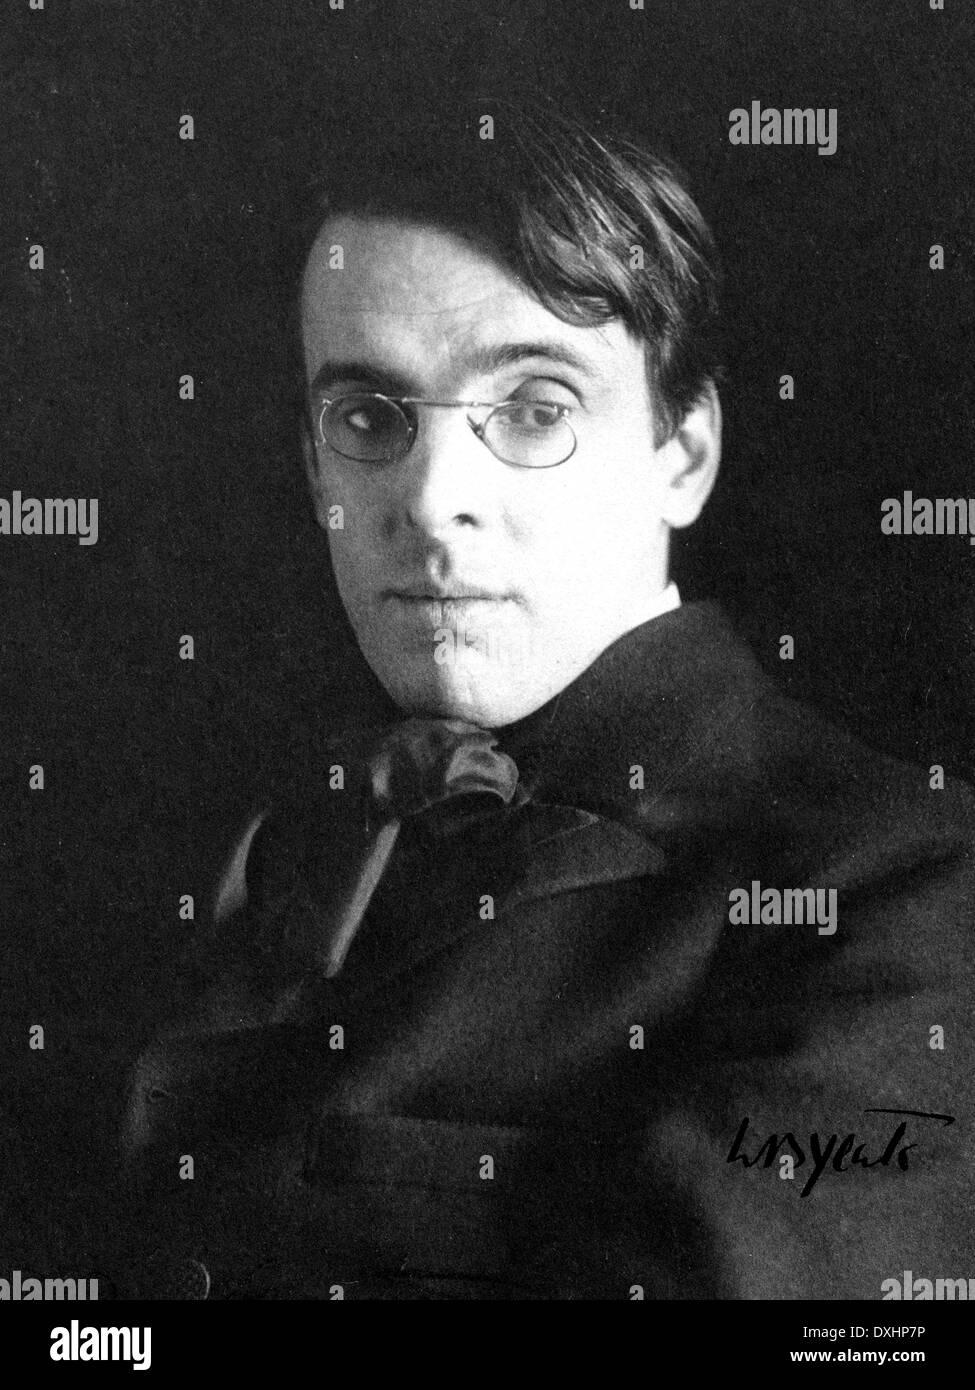 W.B. YEATS (1865-1939), poeta irlandés en 1903. Foto Alice Boughton Imagen De Stock